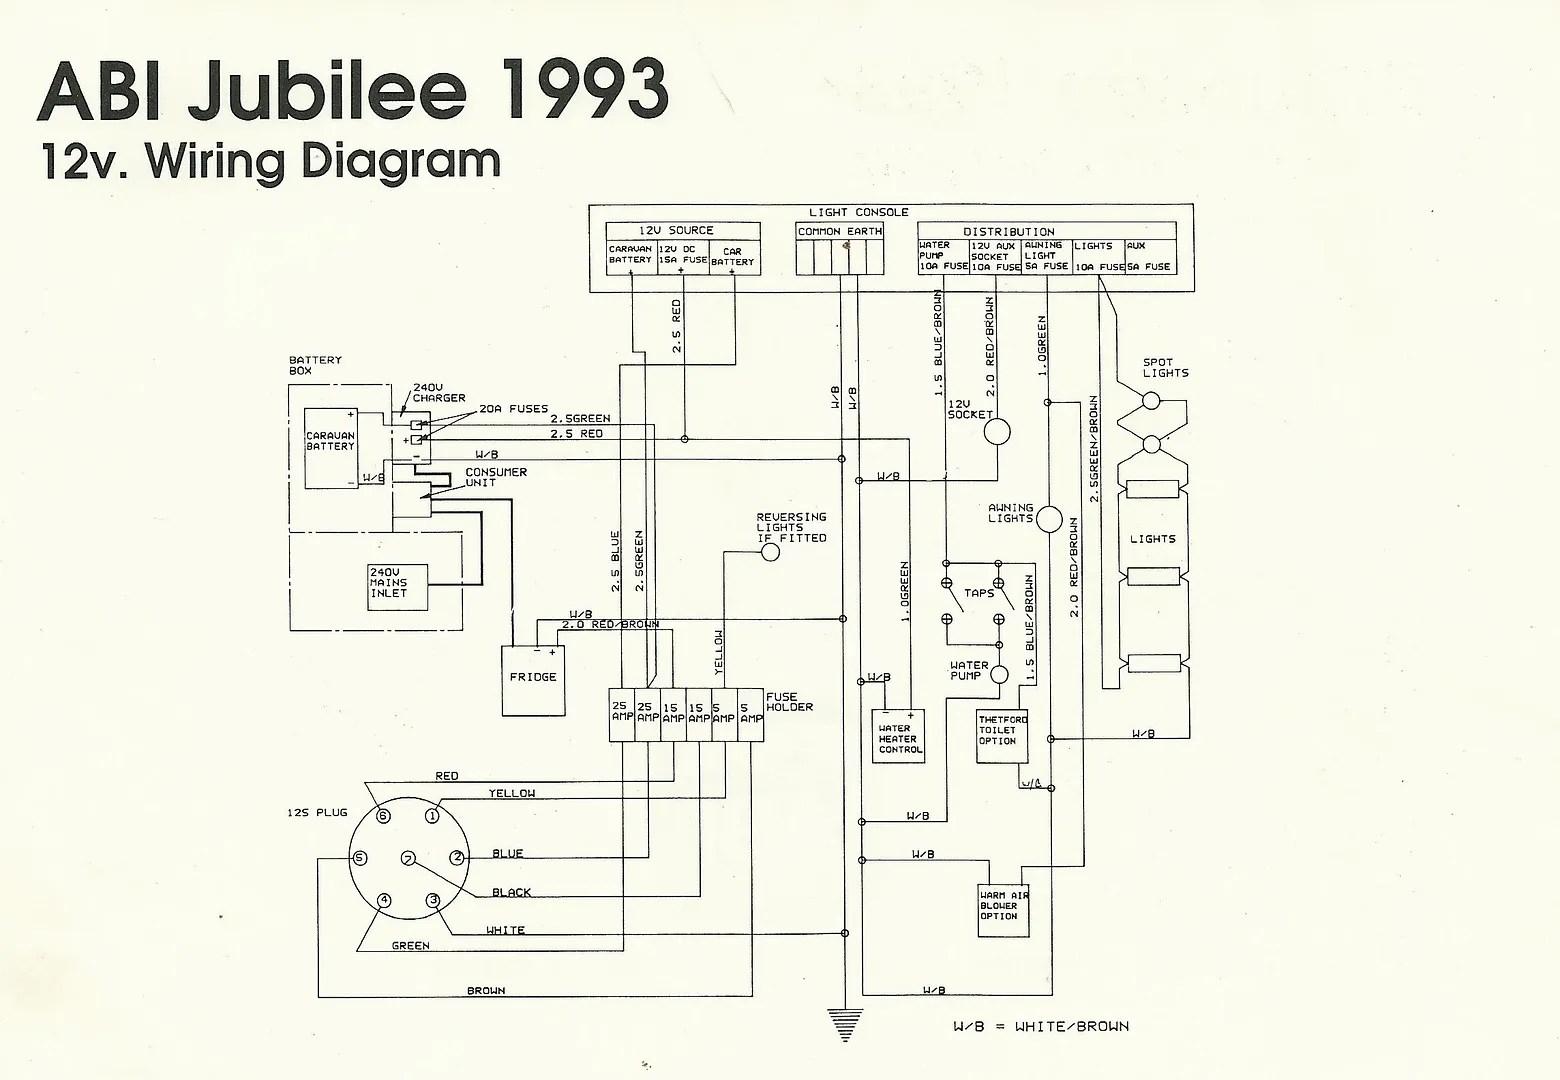 Strange 1985 Morgan Wiring Diagram Schematic Standard Electrical Wiring Wiring 101 Photwellnesstrialsorg